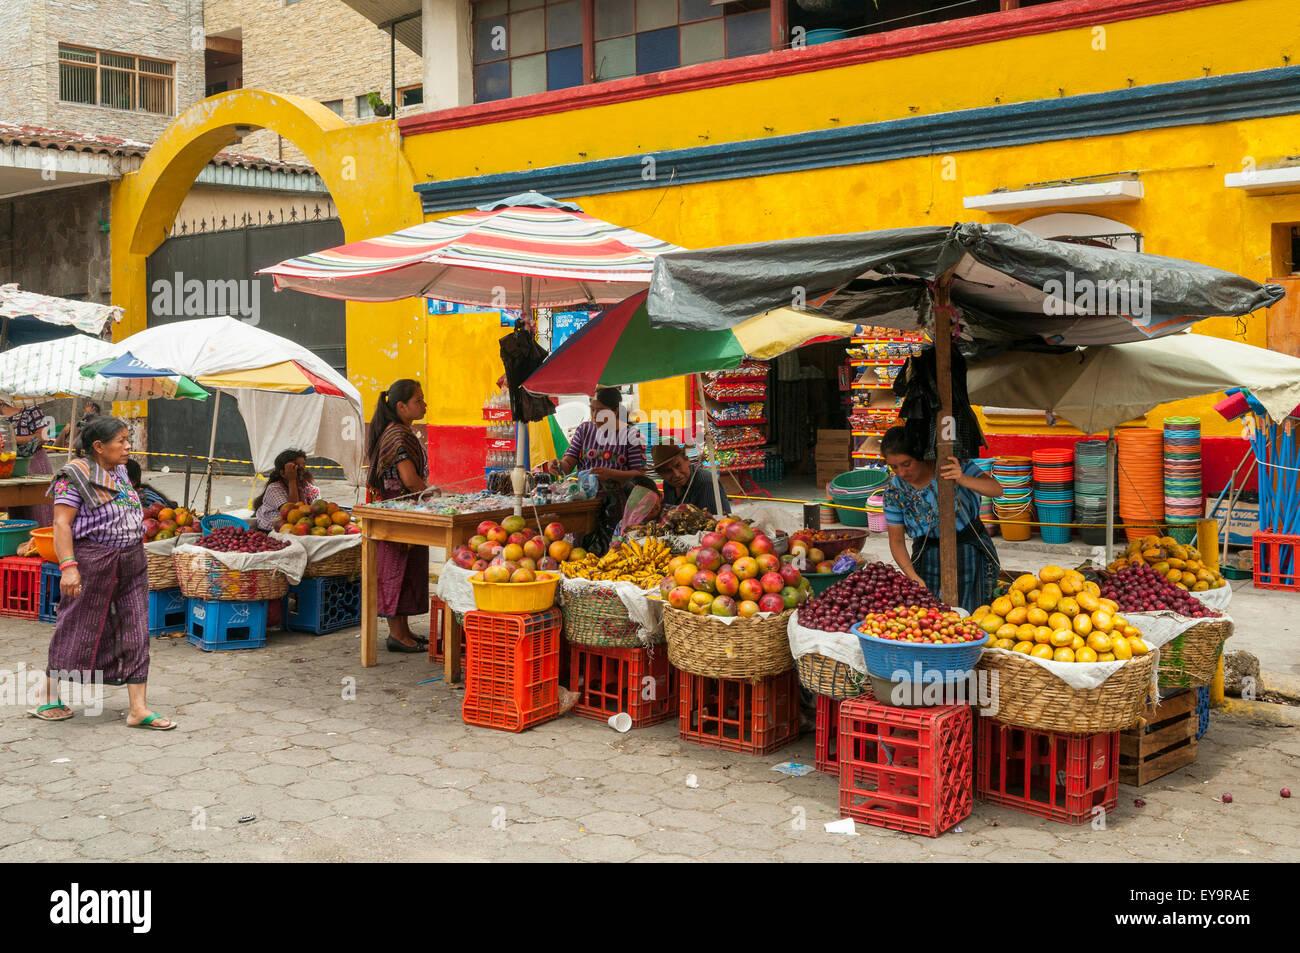 Fruit Stall in Street Market, Santiago Atitlan, Guatemala - Stock Image